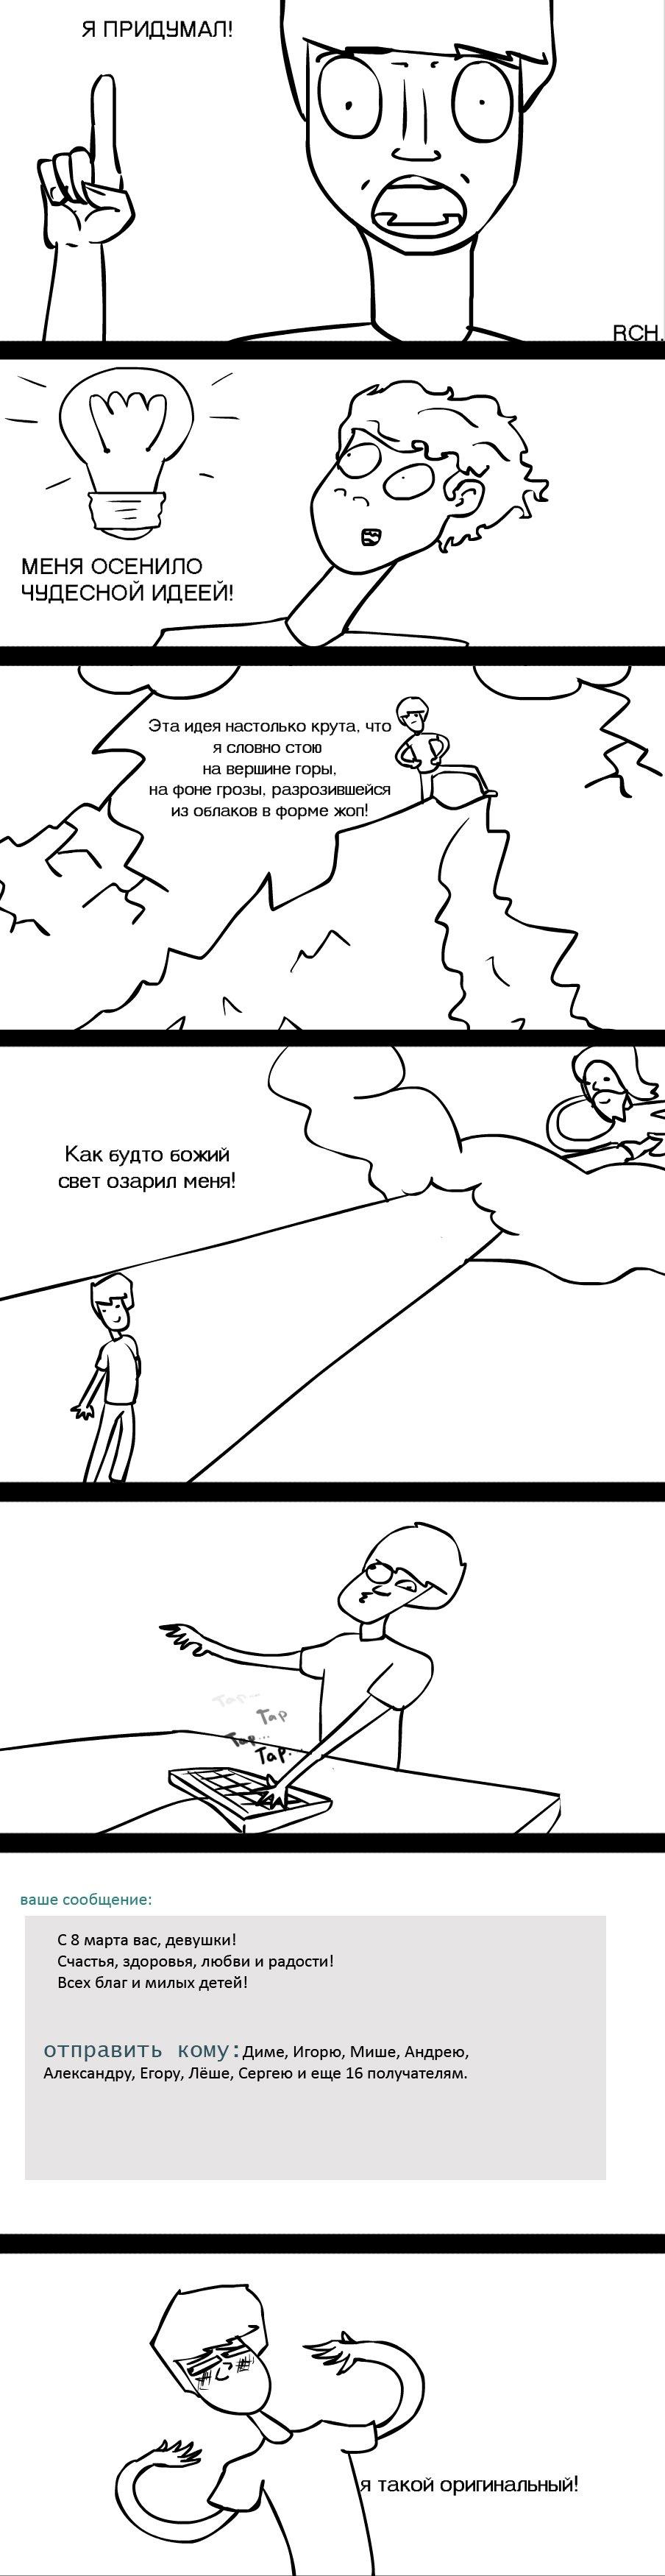 Мой комикс про прошедший праздник) - Изображение 1